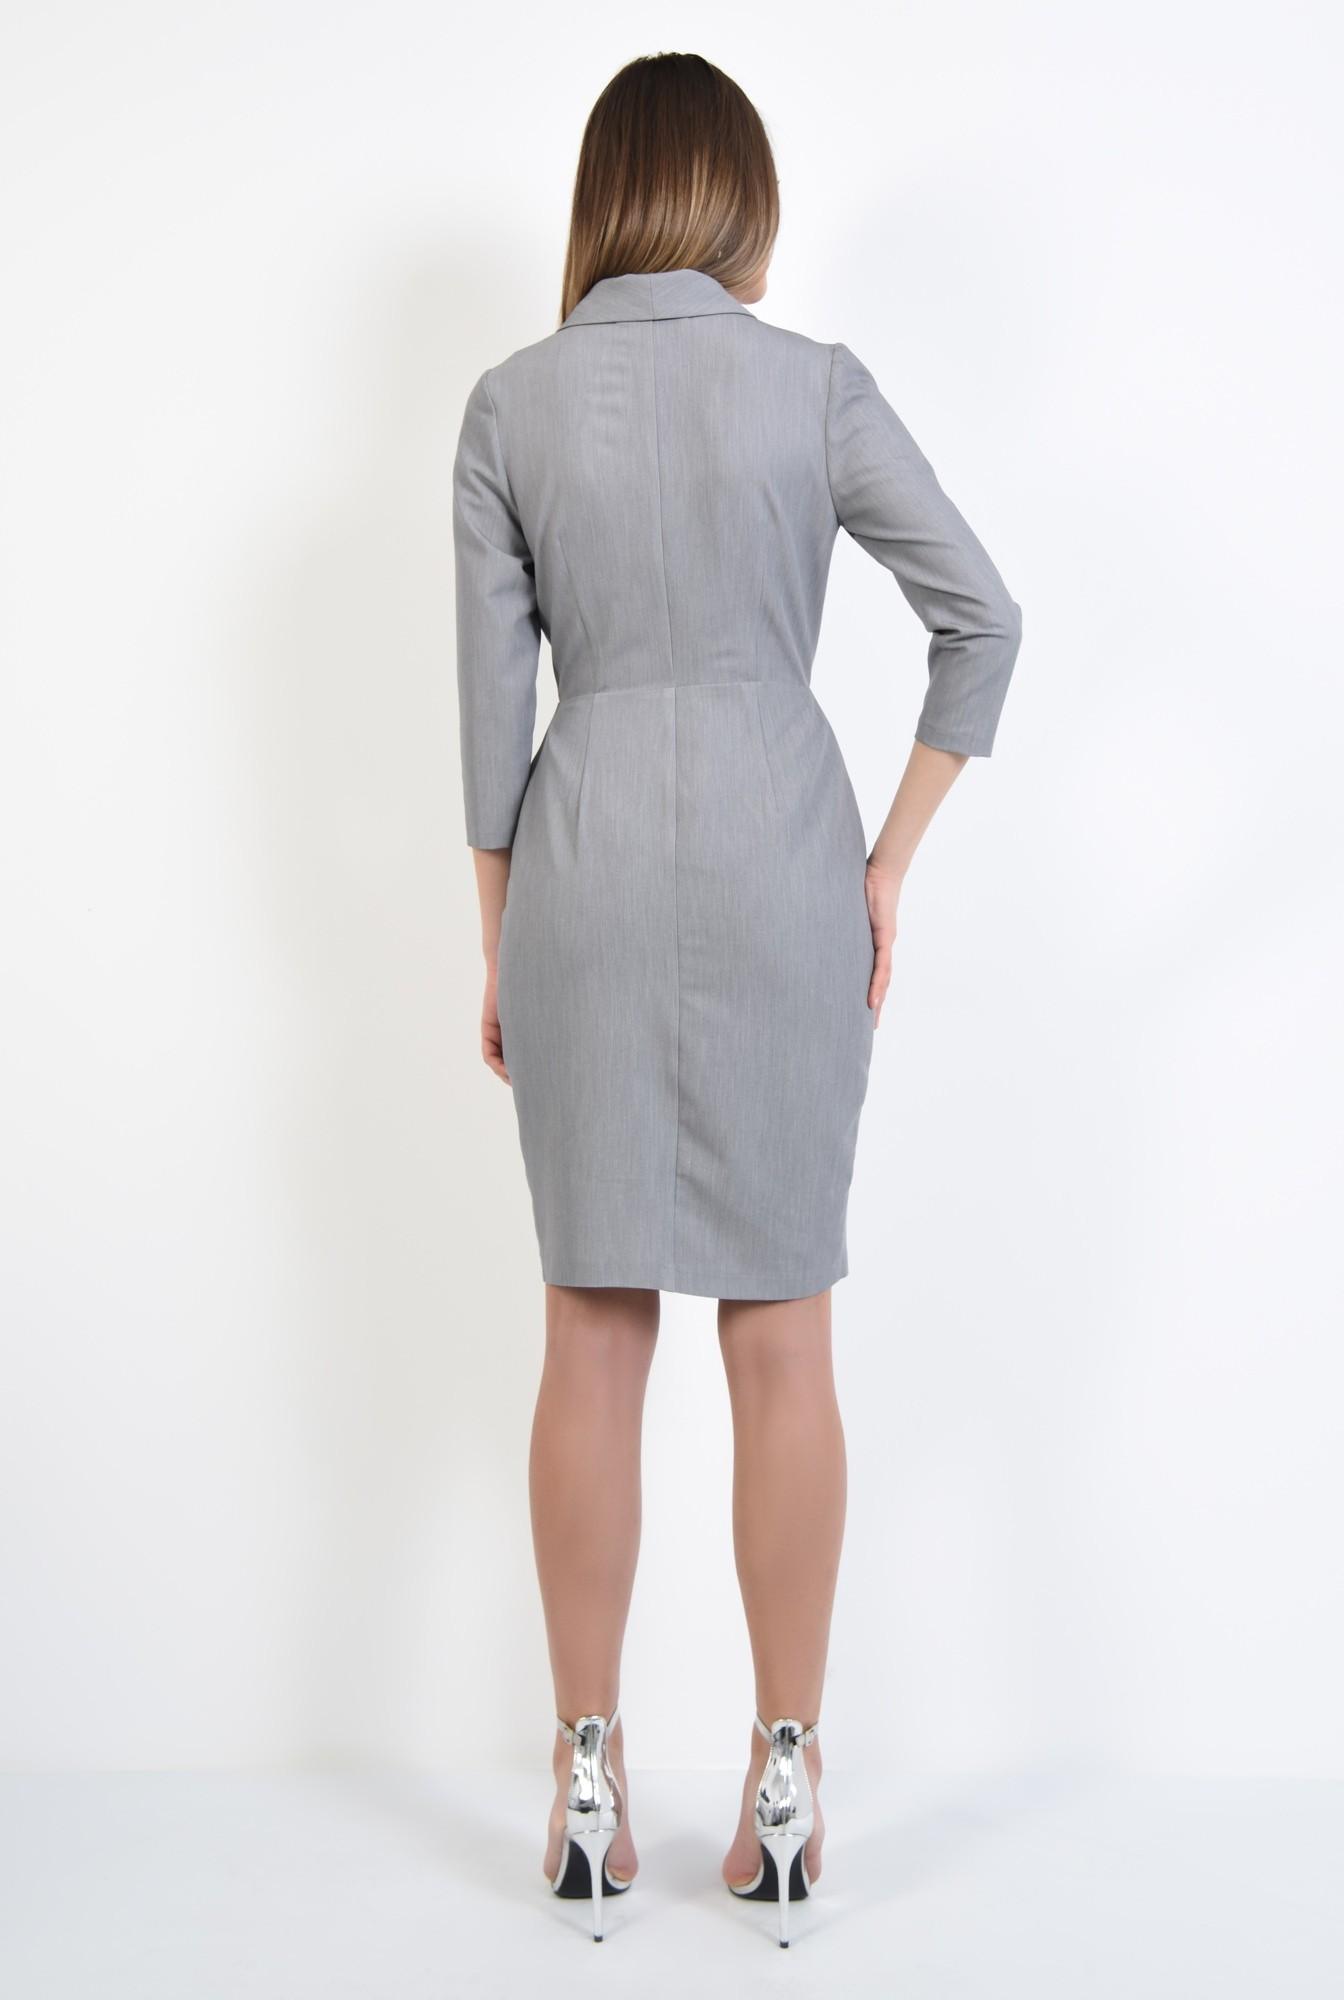 1 - 360 - rochie midi, casual, conica, doua randuri de nasturi